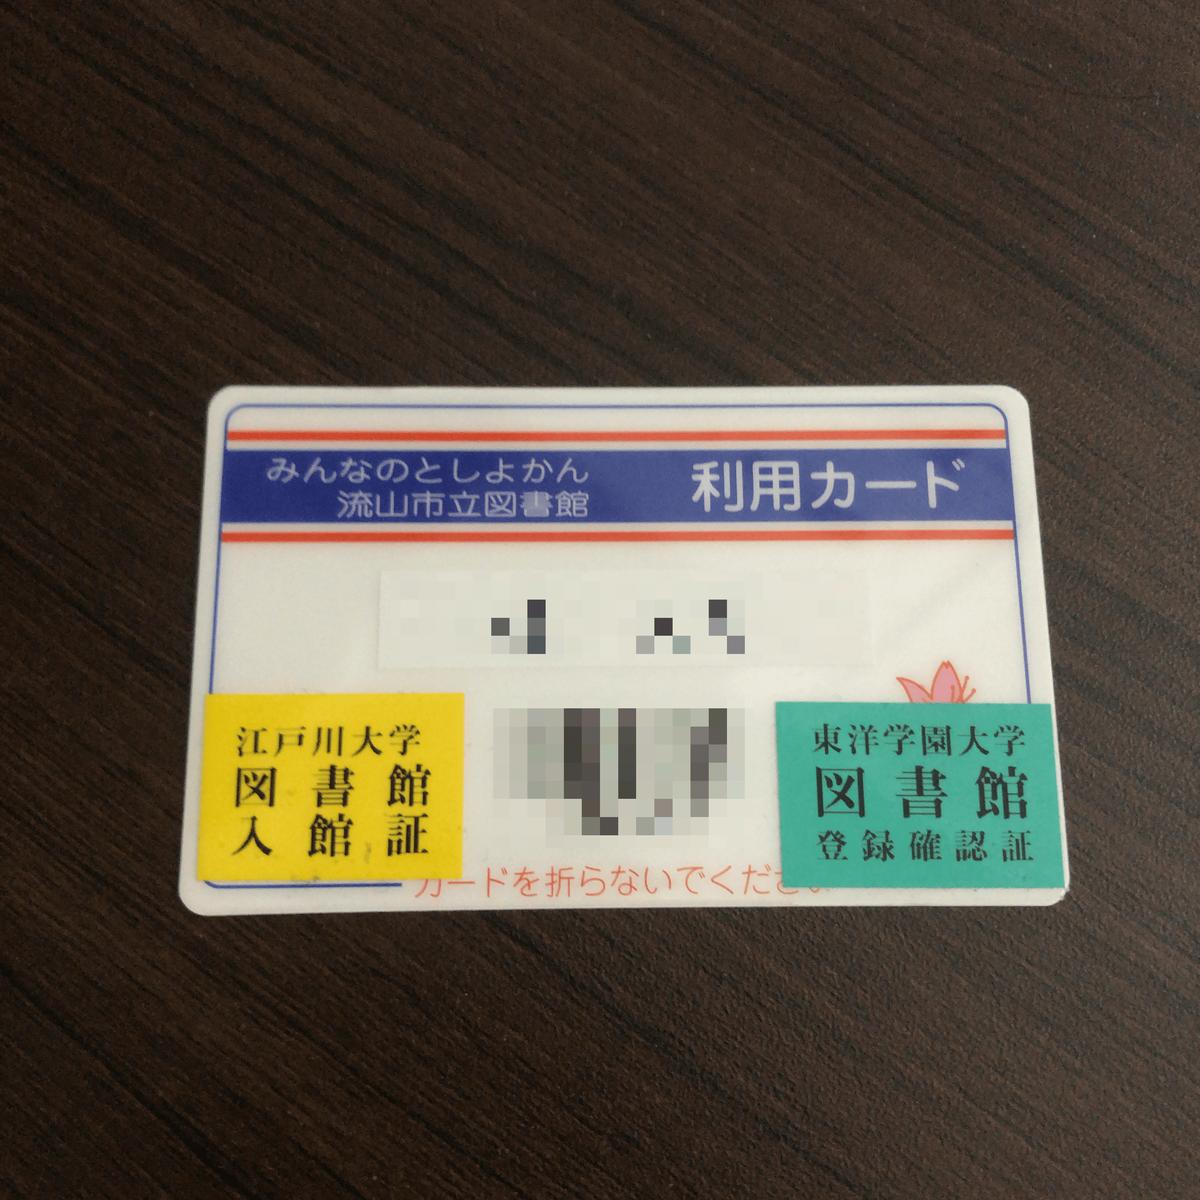 利用カードの画像